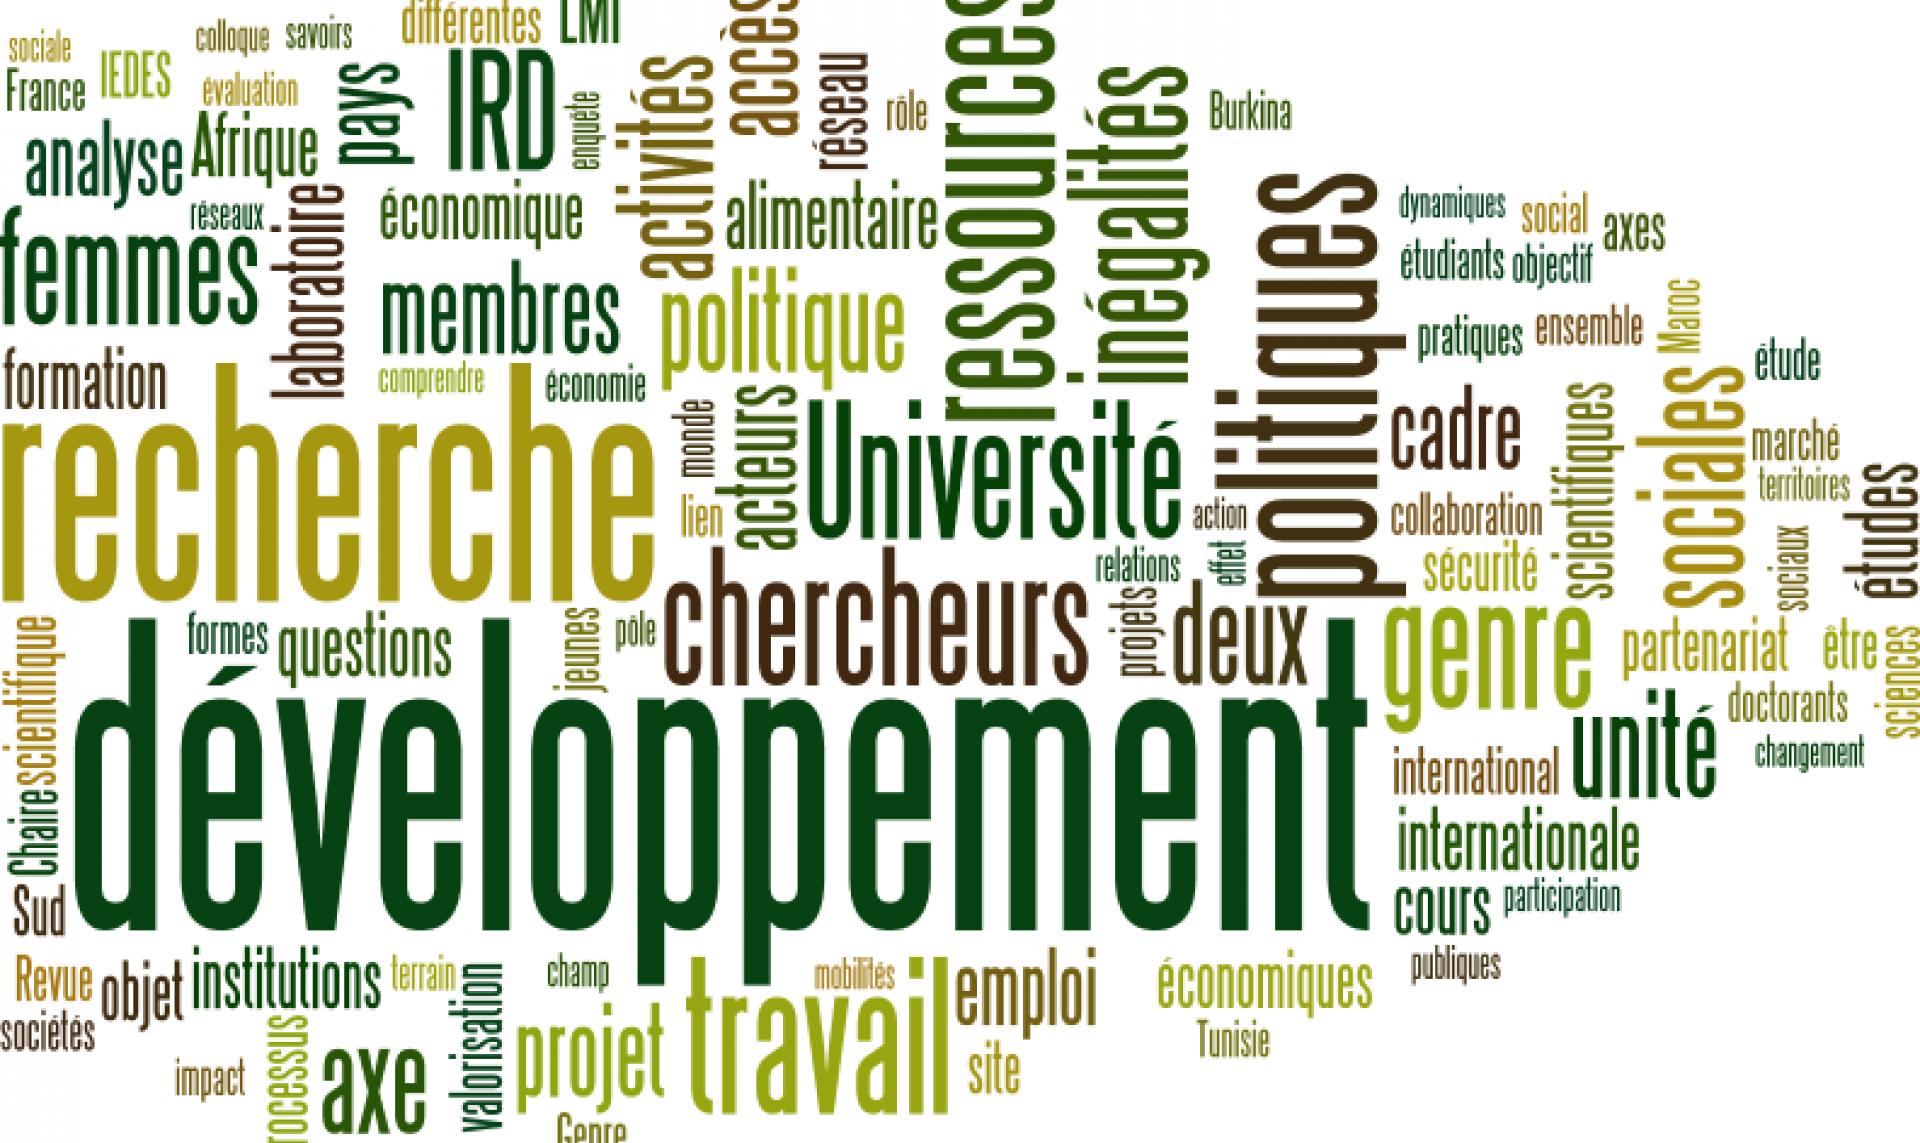 R&D : Le crowdfunding à la rescousse